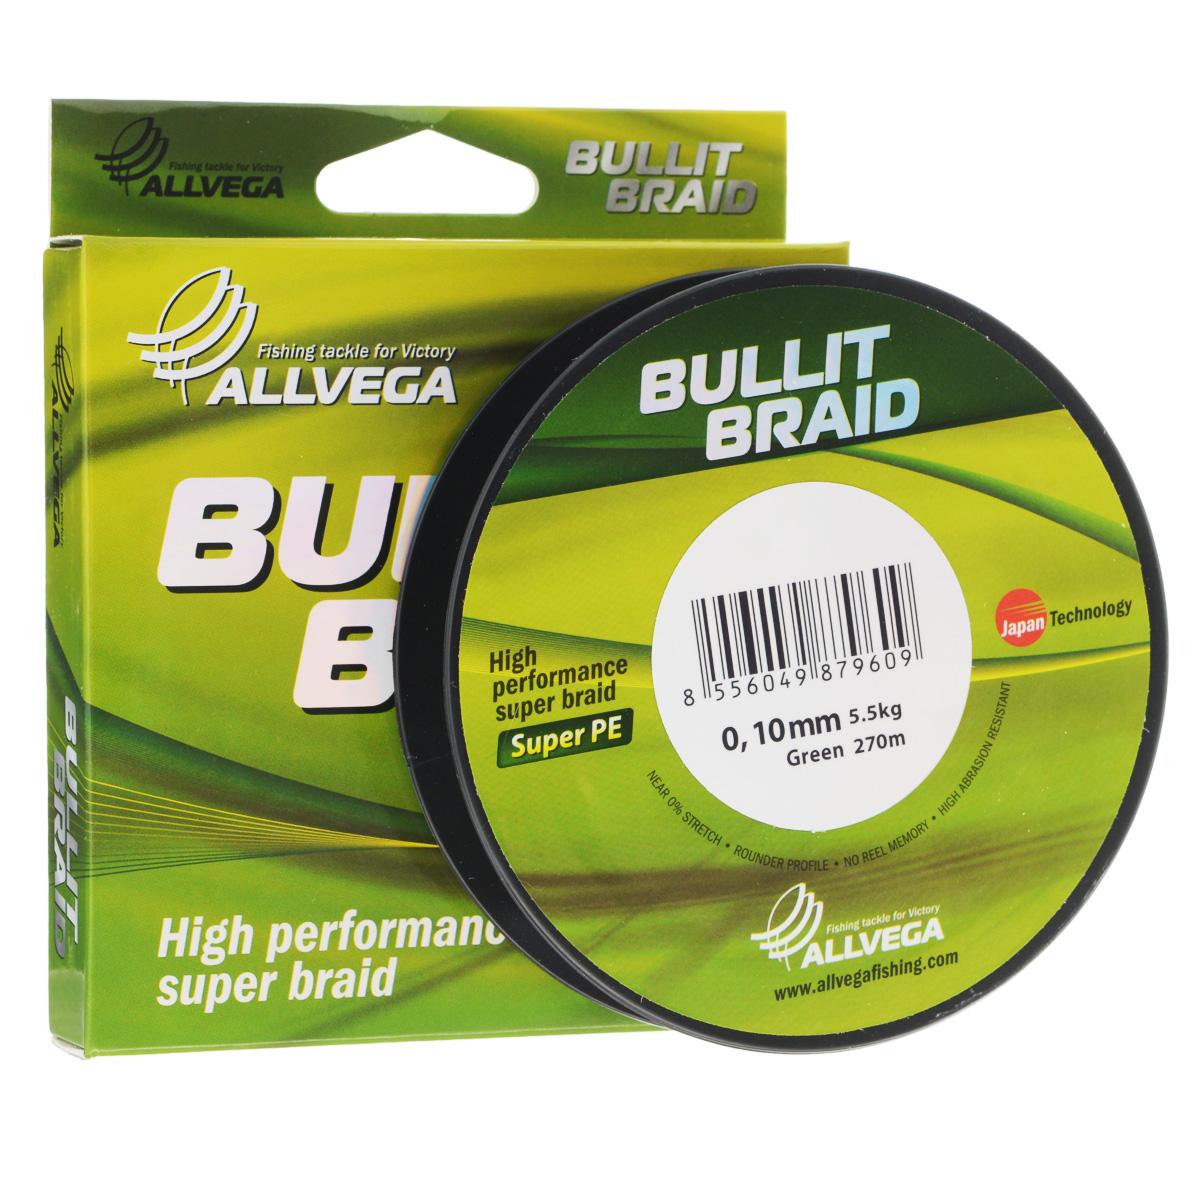 Леска плетеная Allvega Bullit Braid, цвет: темно-зеленый, 270 м, 0,10 мм, 5,5 кг1232708Леска Allvega Bullit Braid с гладкой поверхностью и одинаковым сечением по всей длине обладает высокой износостойкостью. Благодаря микроволокнам полиэтилена (Super PE) леска имеет очень плотное плетение и не впитывает воду. Леску Allvega Bullit Braid можно применять в любых типах водоемов. Особенности:повышенная износостойкость;высокая чувствительность - коэффициент растяжения близок к нулю;отсутствует память; идеально гладкая поверхность позволяет увеличить дальность забросов; высокая прочность шнура на узлах.